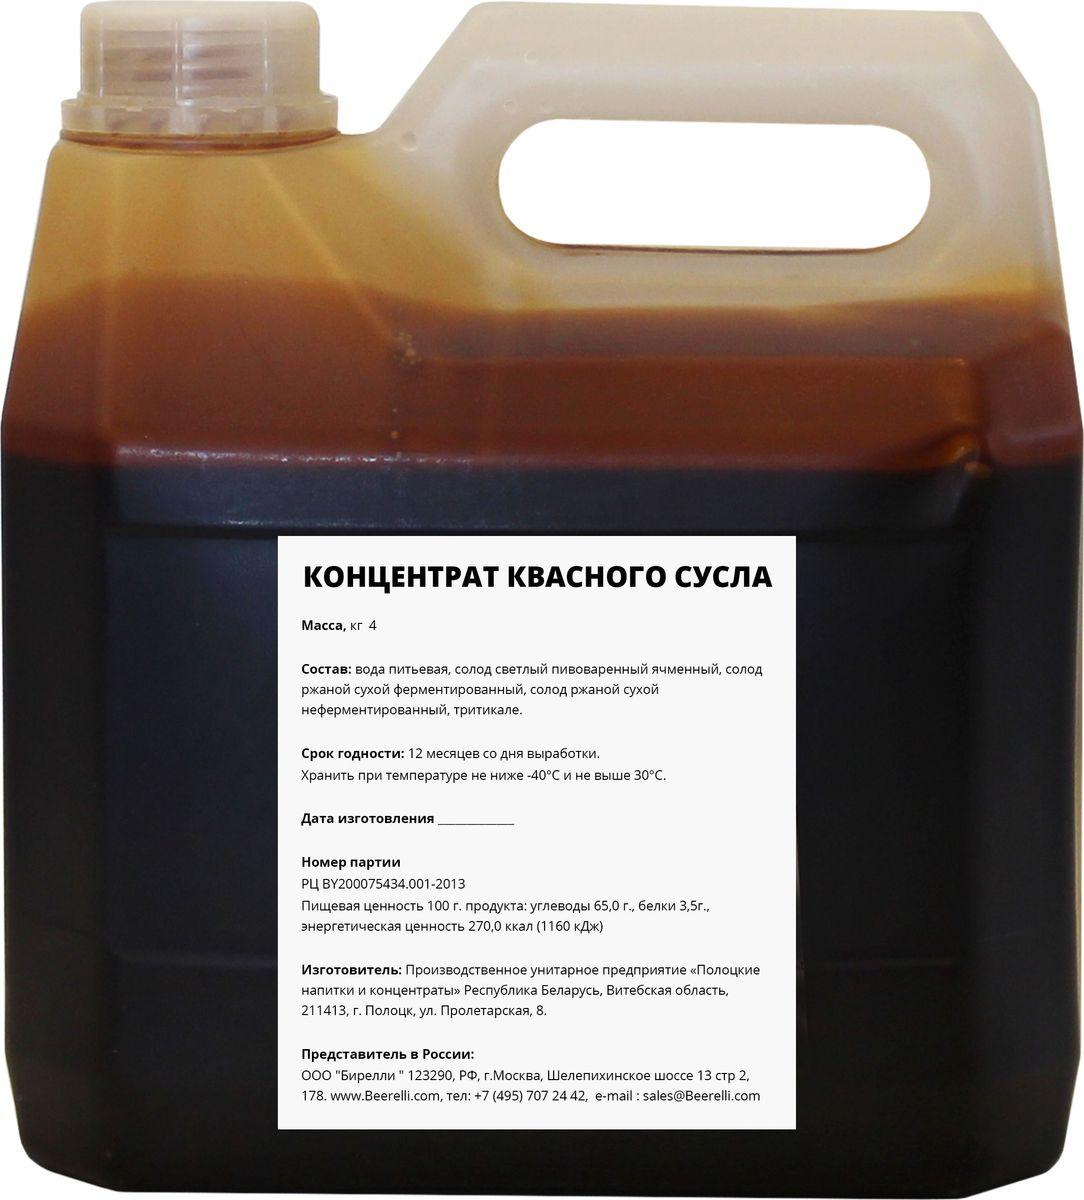 Полоцкие напитки и концентраты: концентрат квасного сусла, 4 кг мужские напитки